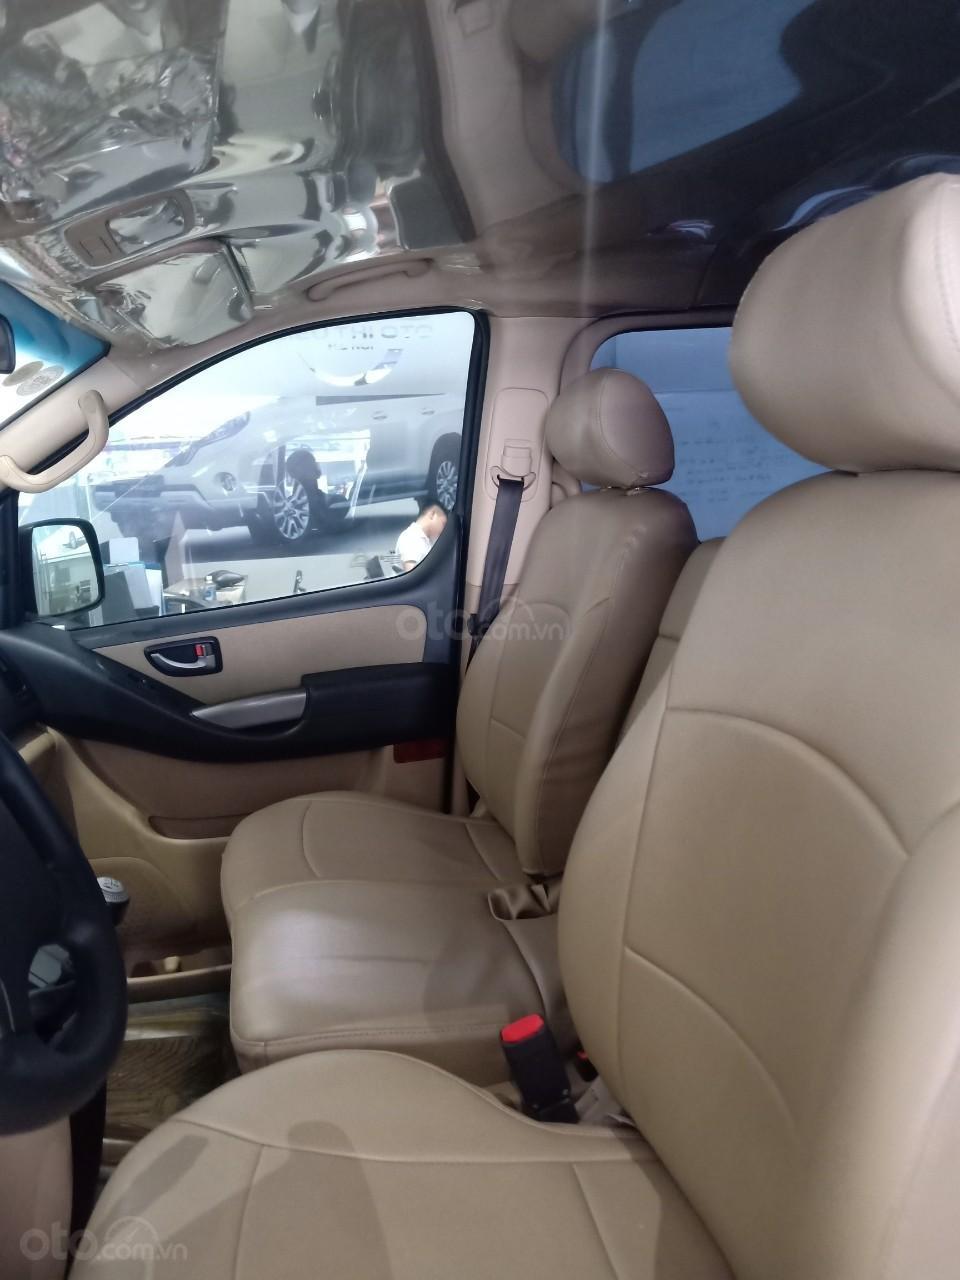 Bán xe Hyundai Starex 2.5D MT 9 chỗ 2013, màu bạc, xe nhập, giá tốt (5)